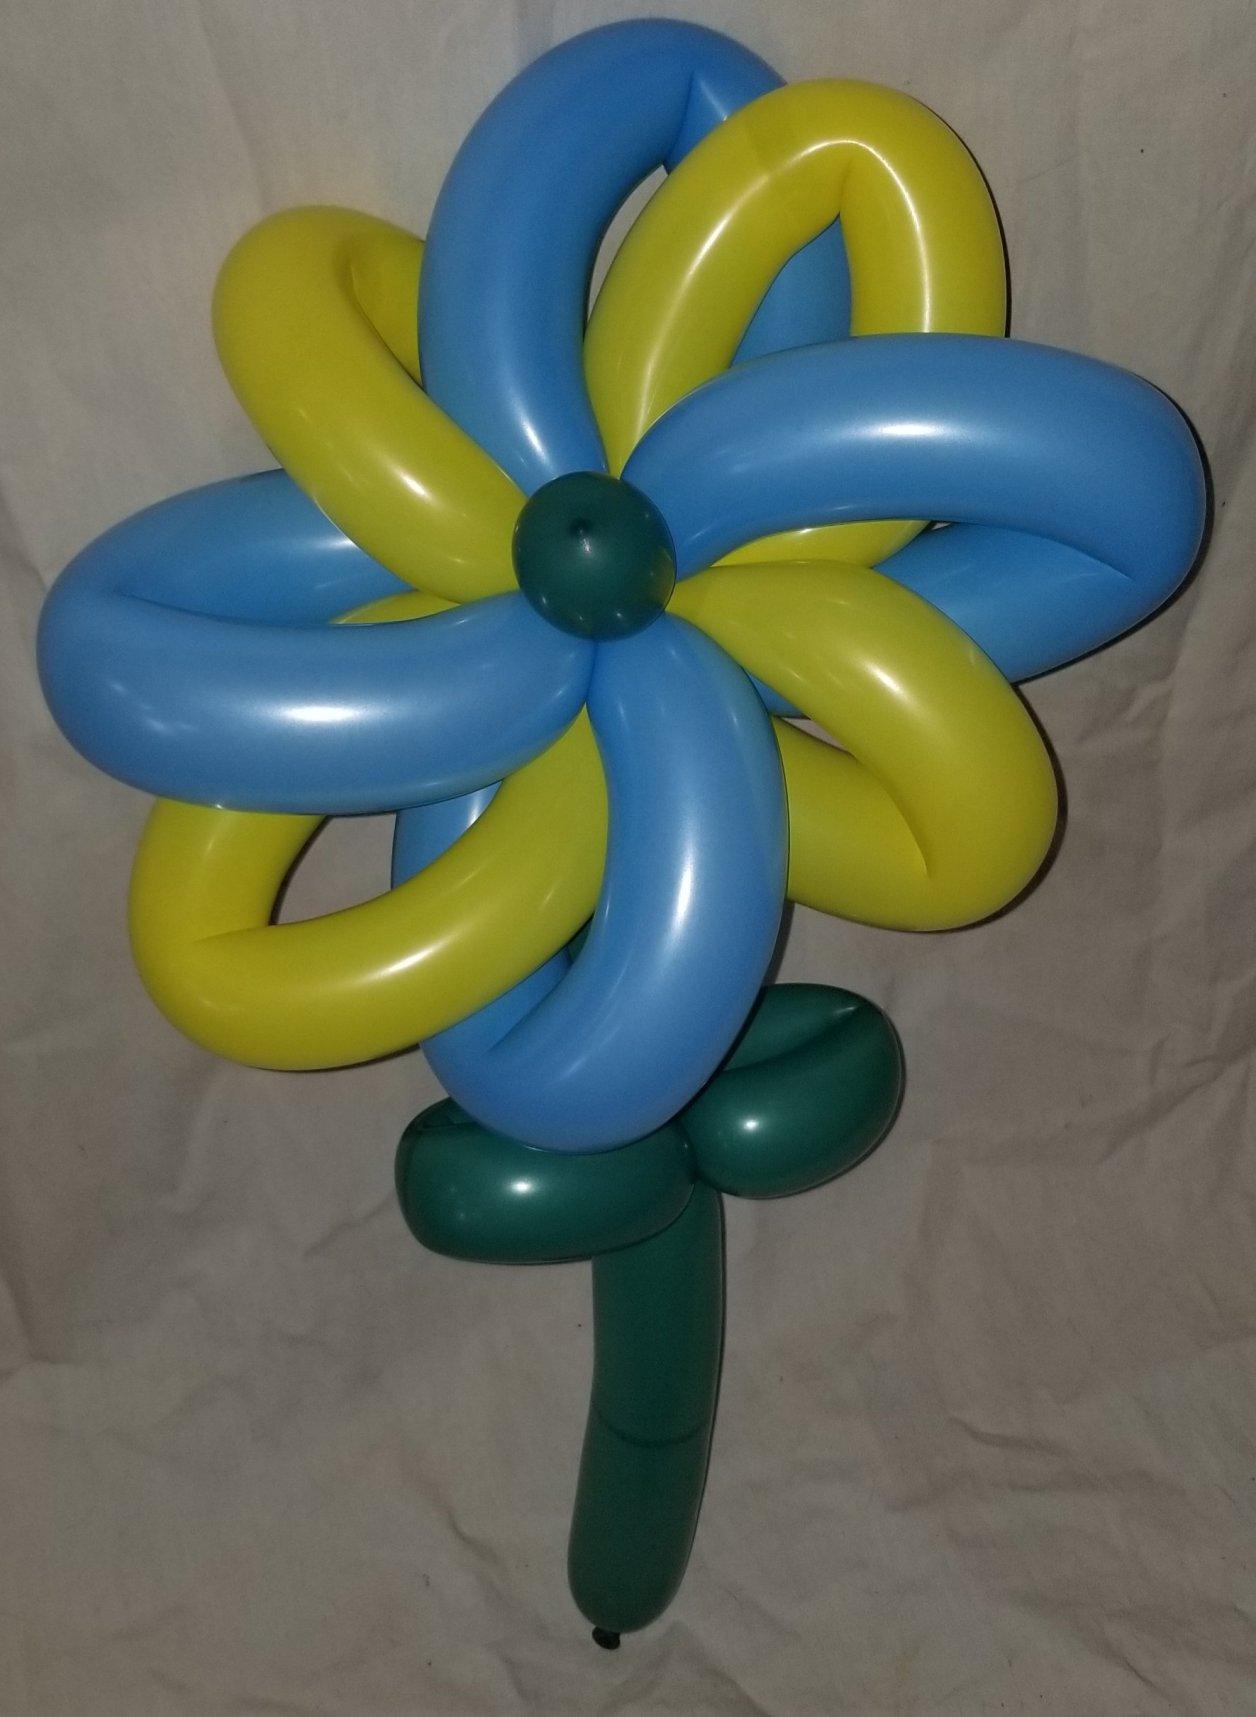 バルーンアートの8つ花の風車タイプ